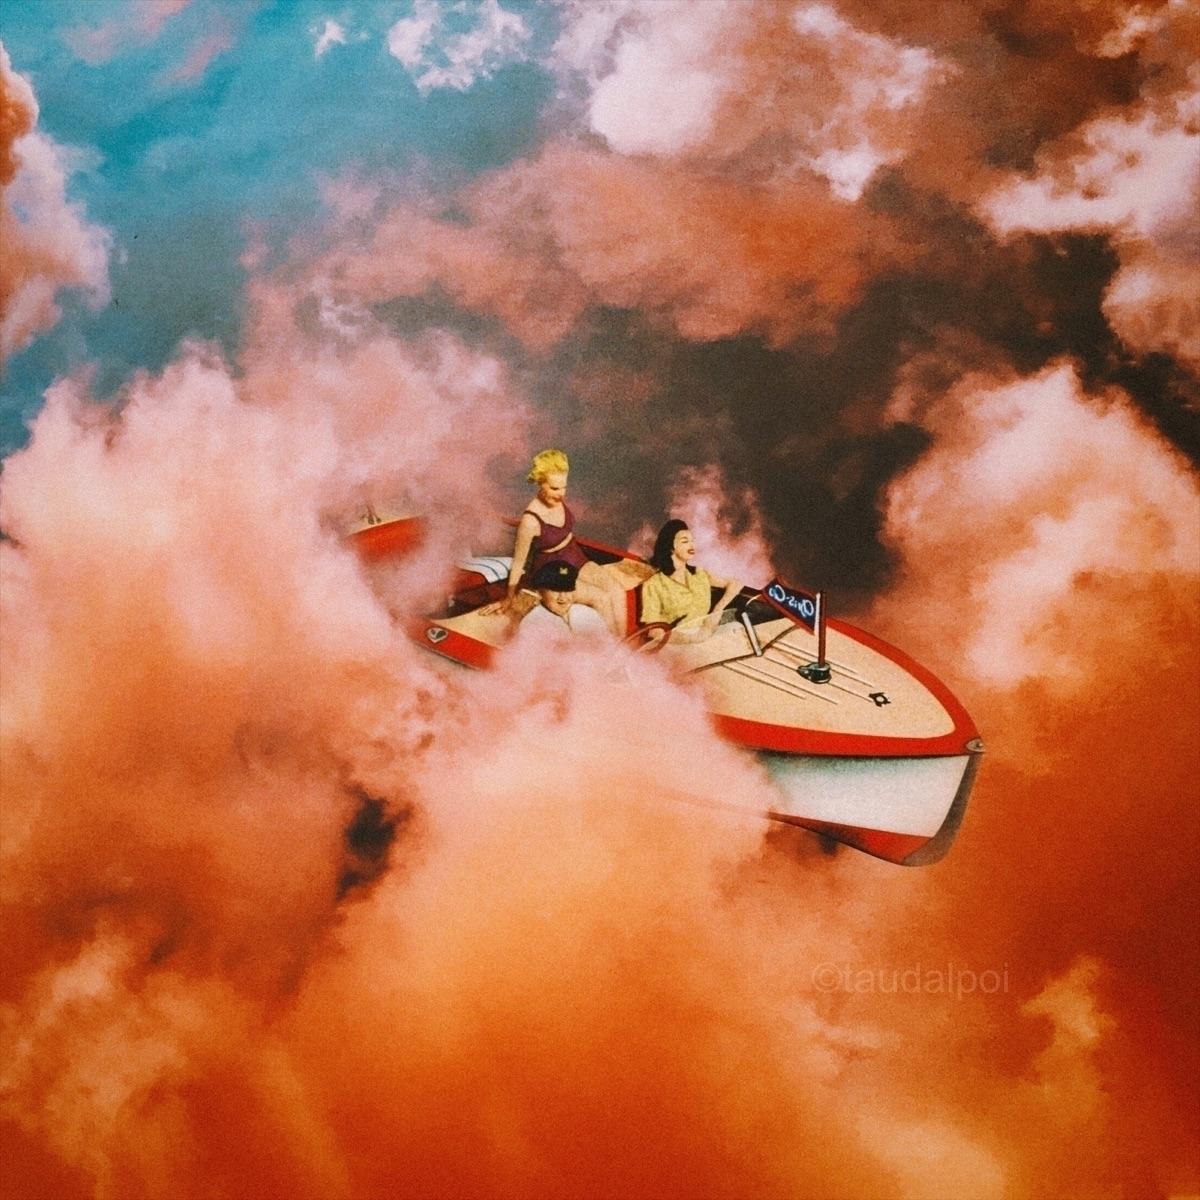 Cloud Cruiser - digitalart - taudalpoi   ello